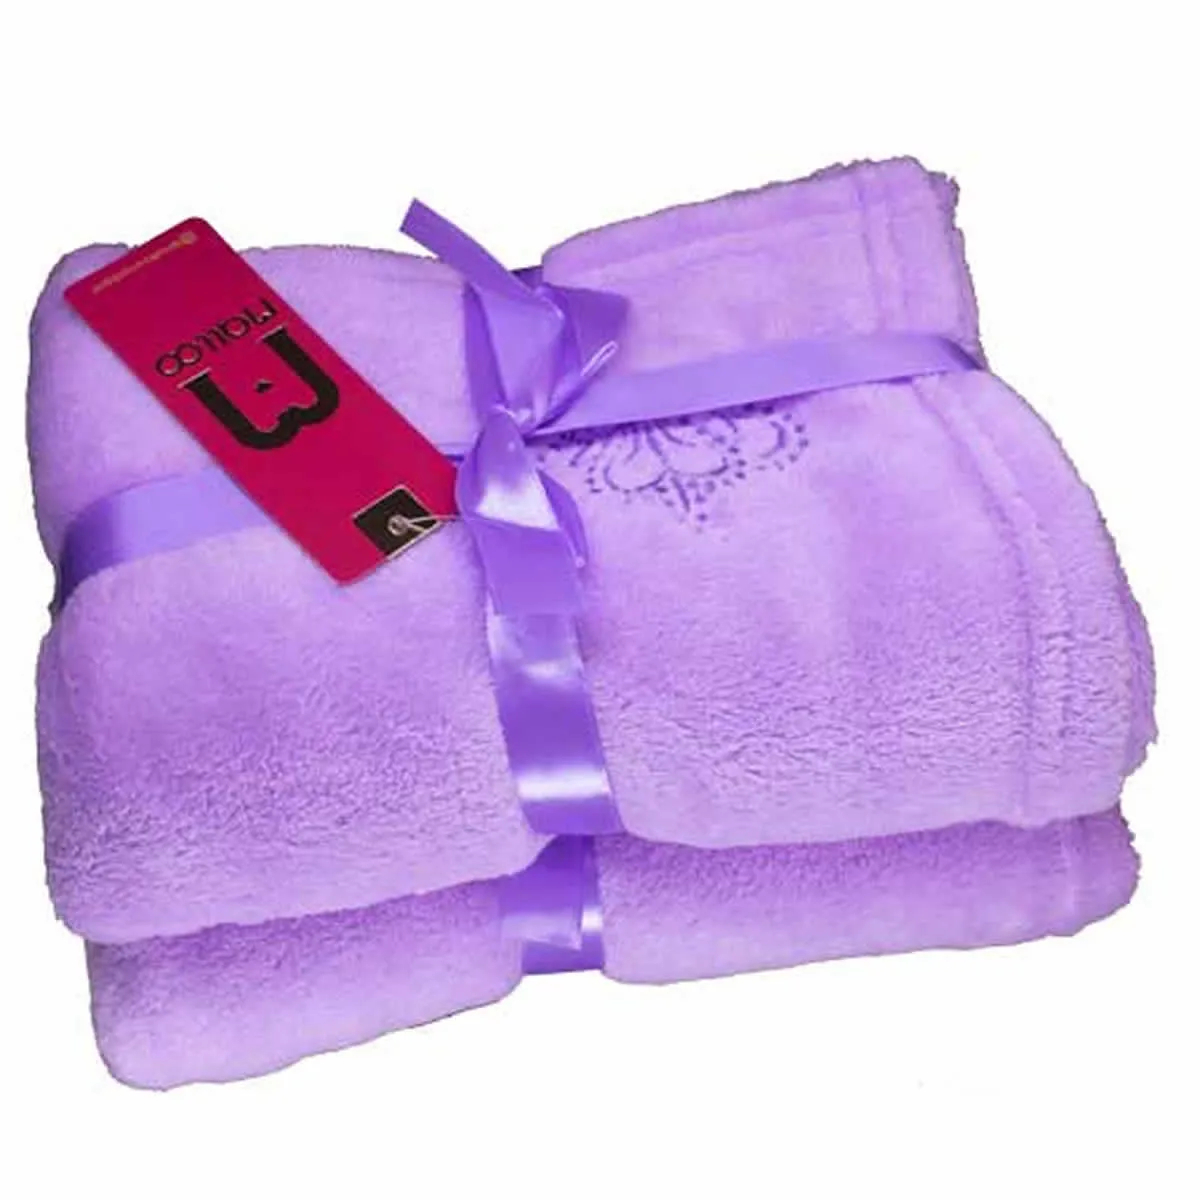 Cobertor para Cachorro e Gato de Microfibra Malloo Lilás